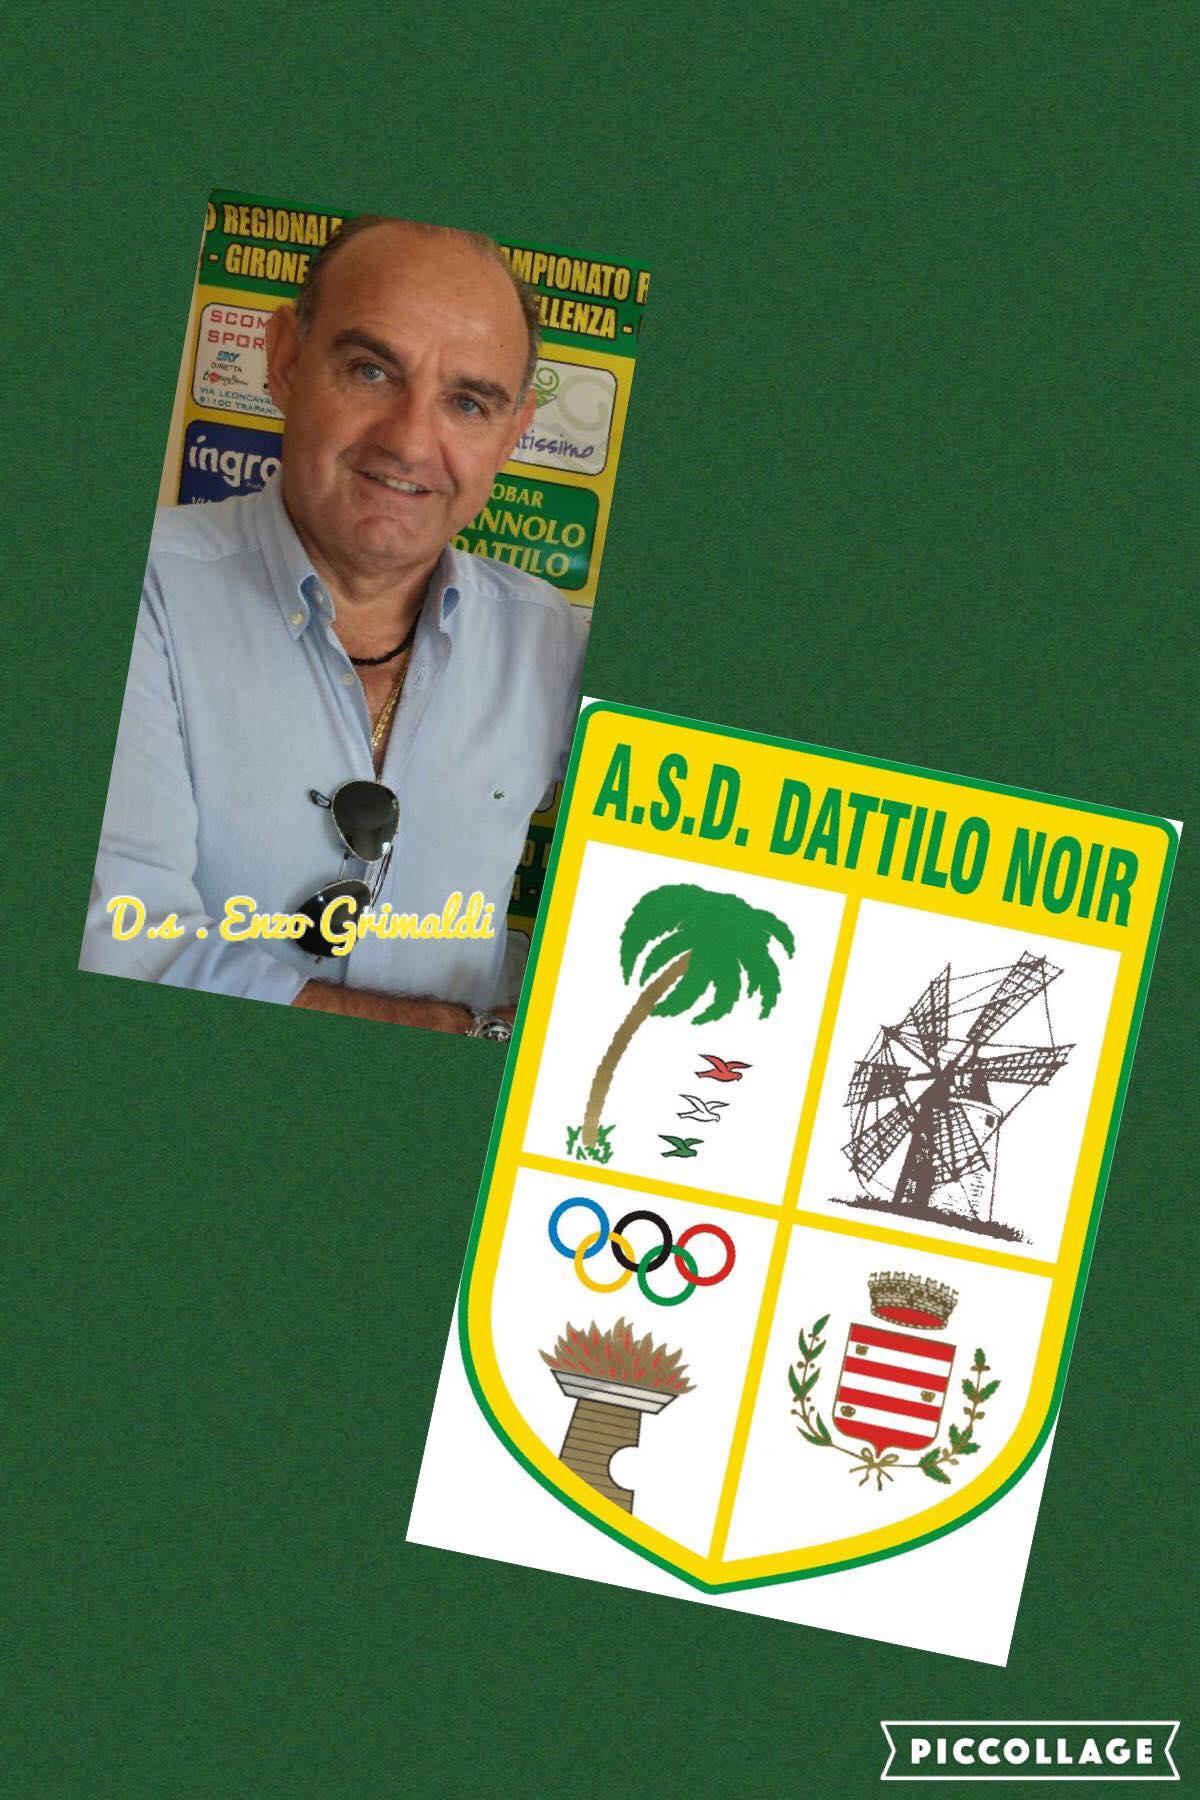 Direttore Sportivo Enzo Grimaldi